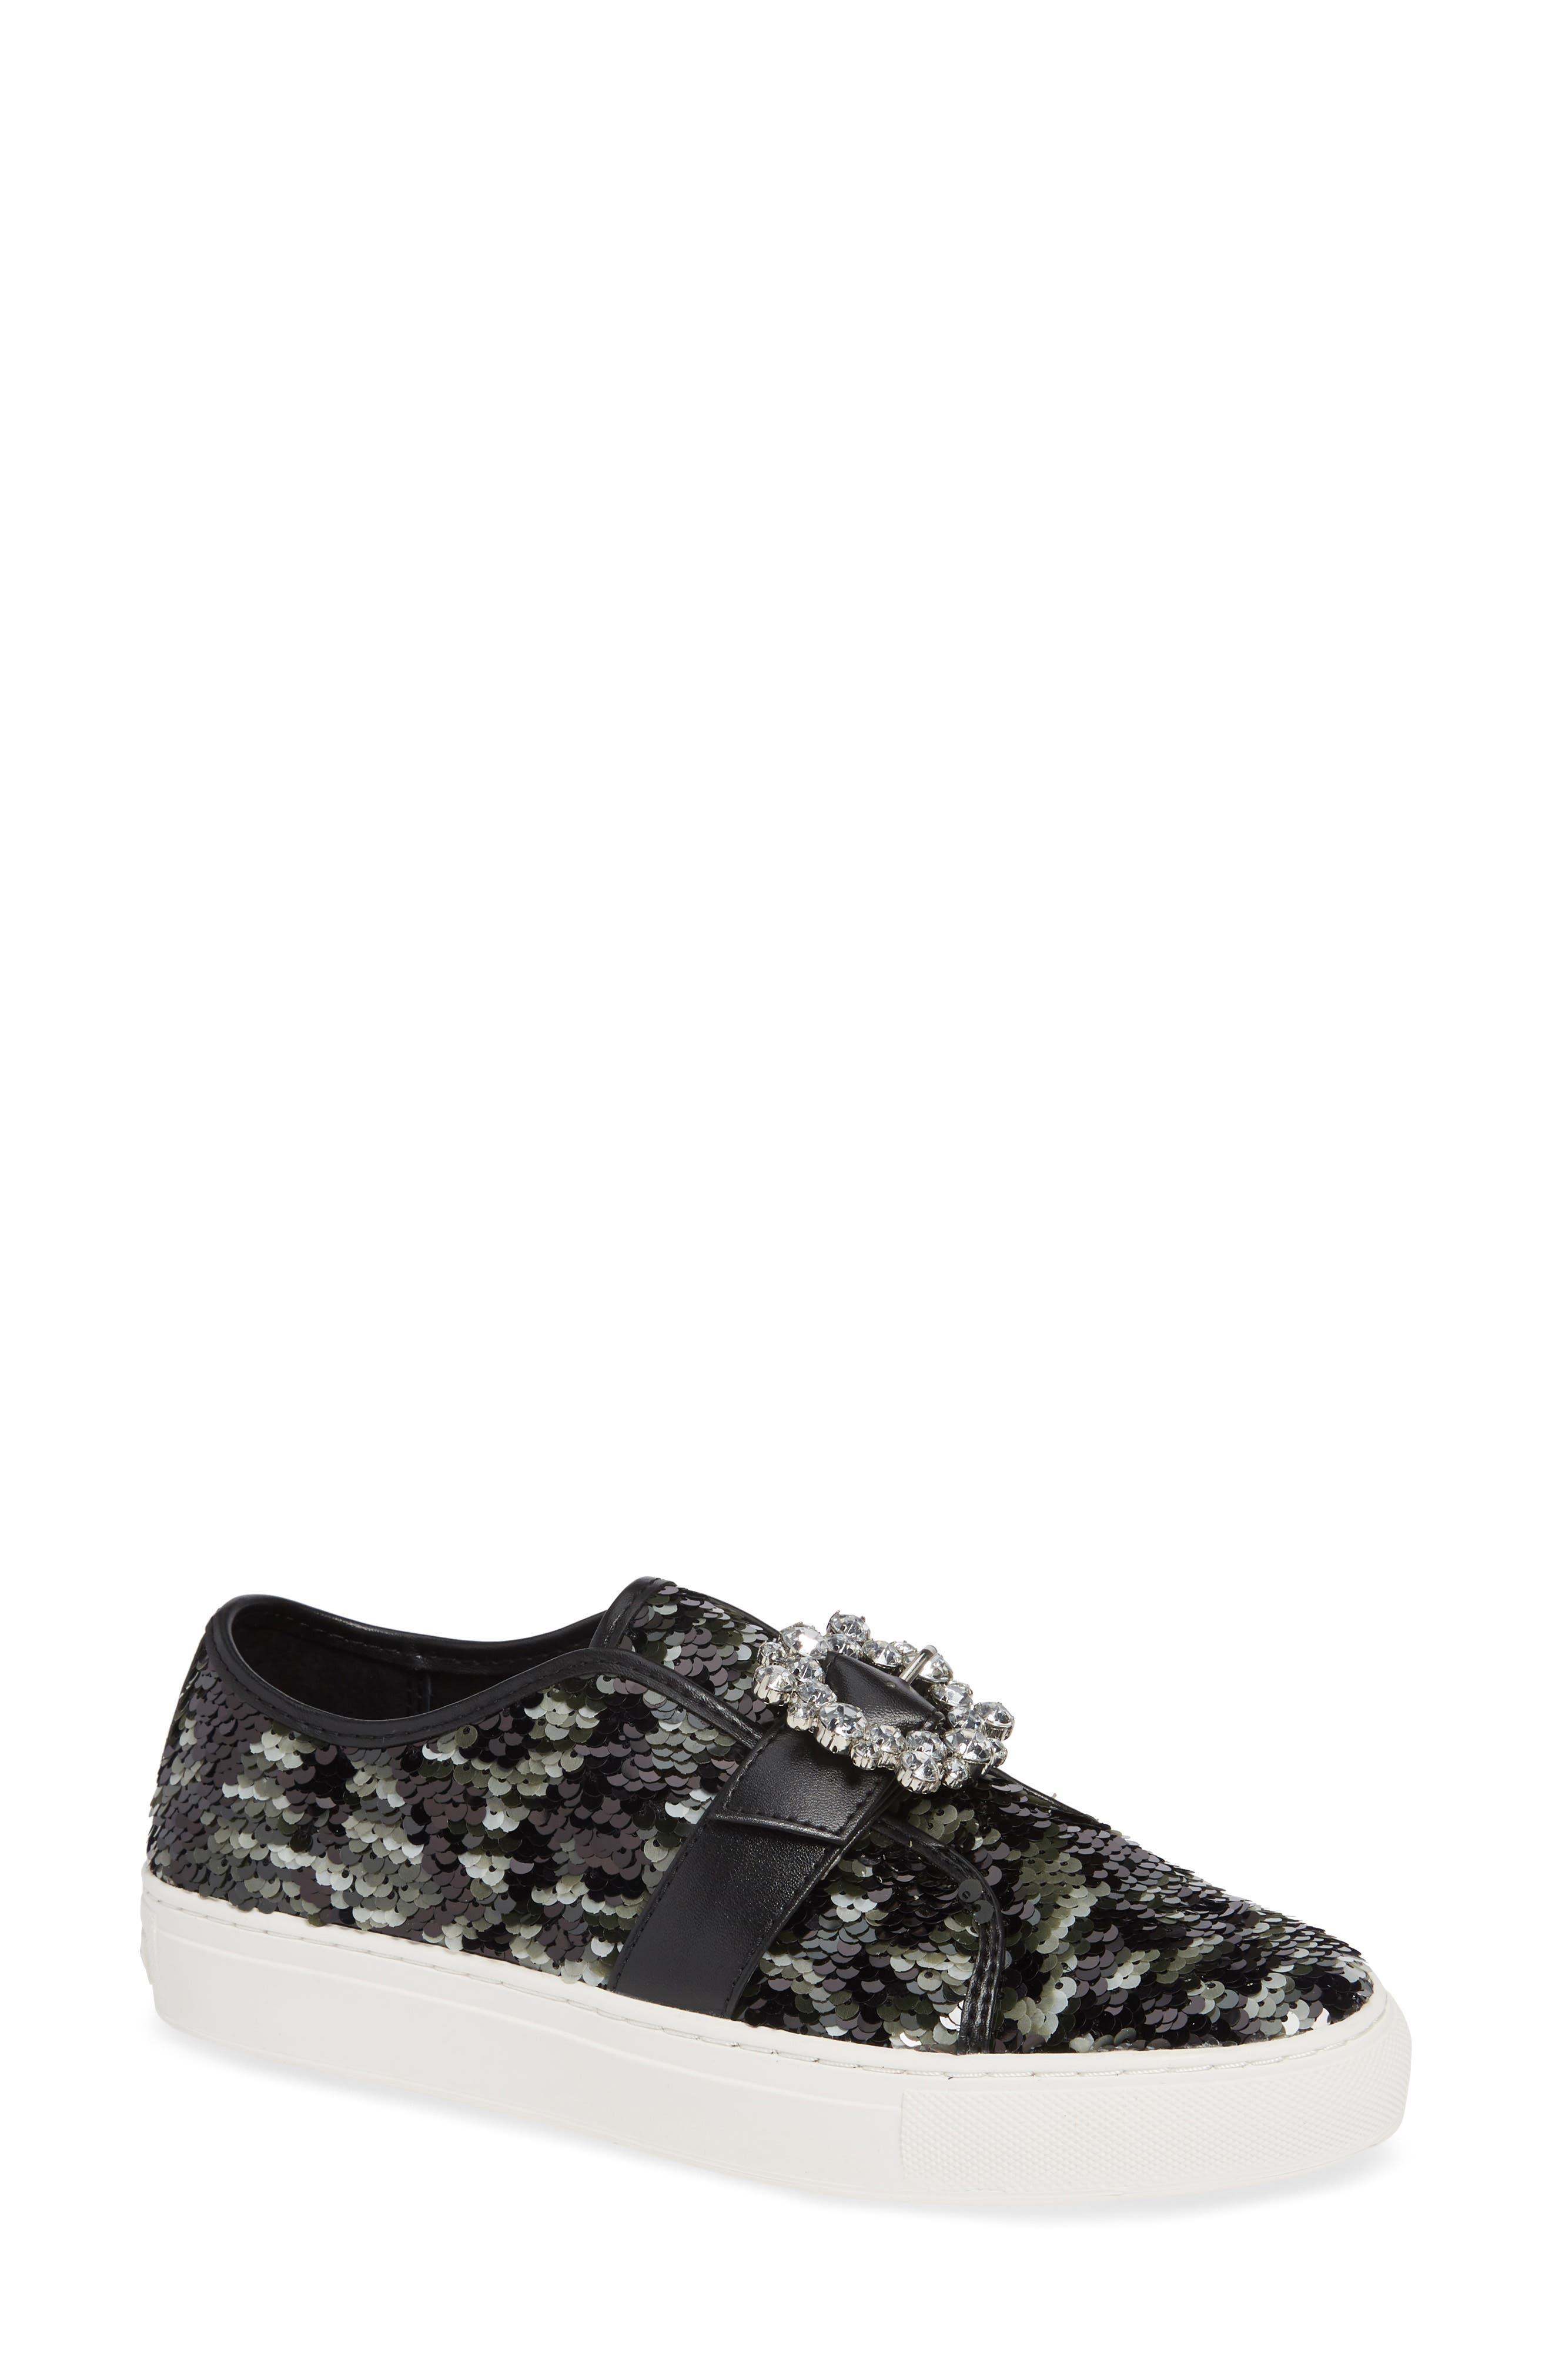 KATY PERRY Platform Sneaker in Black